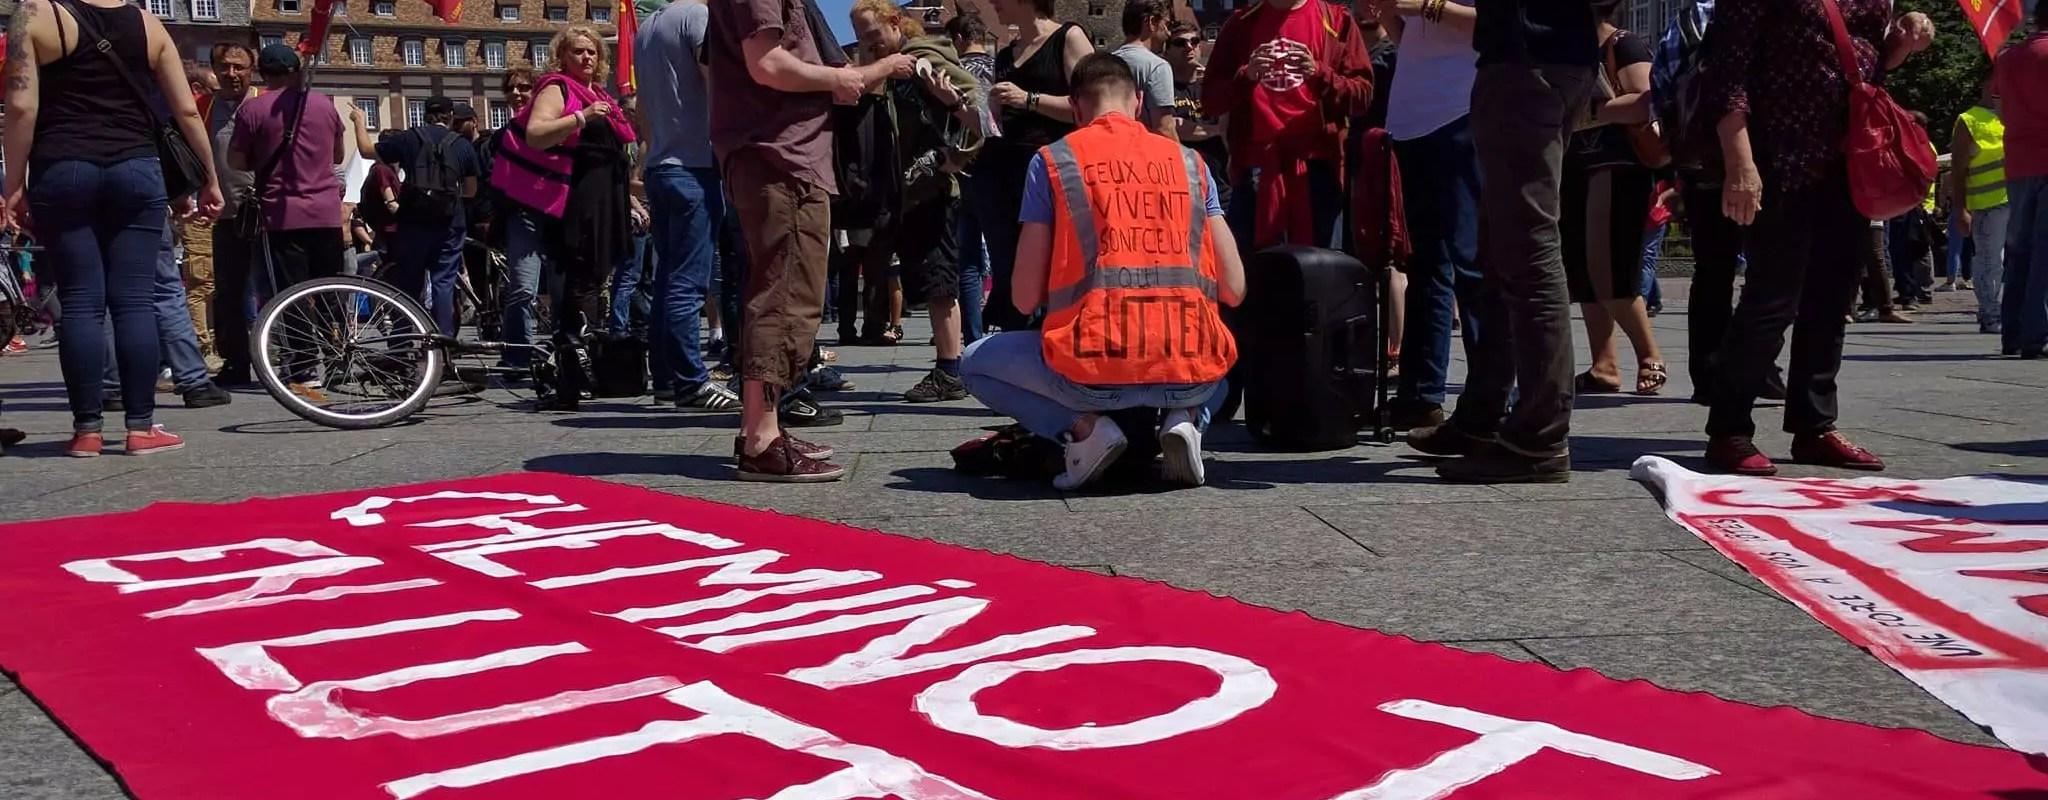 Mardi, 12e manifestation contre la «loi travail»